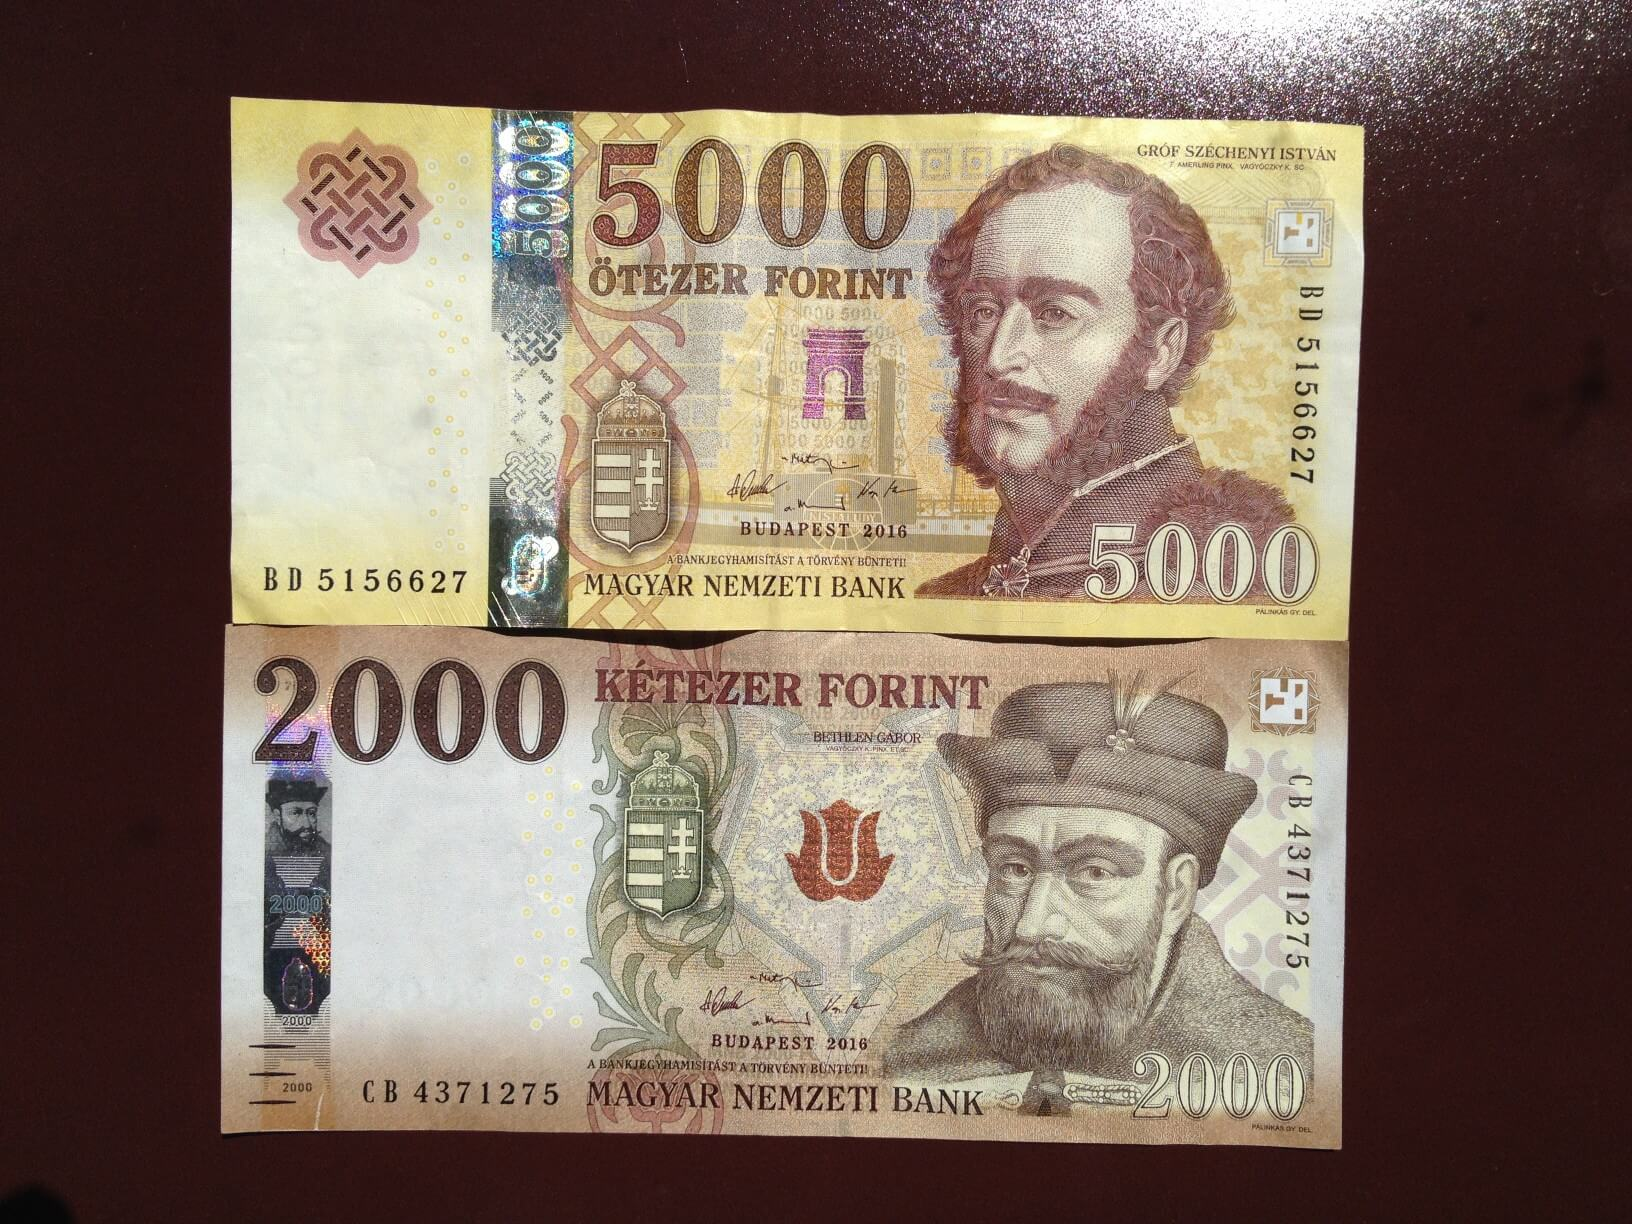 Neue Forint-Banknoten zu 2000 und 5000 Ft am 2017